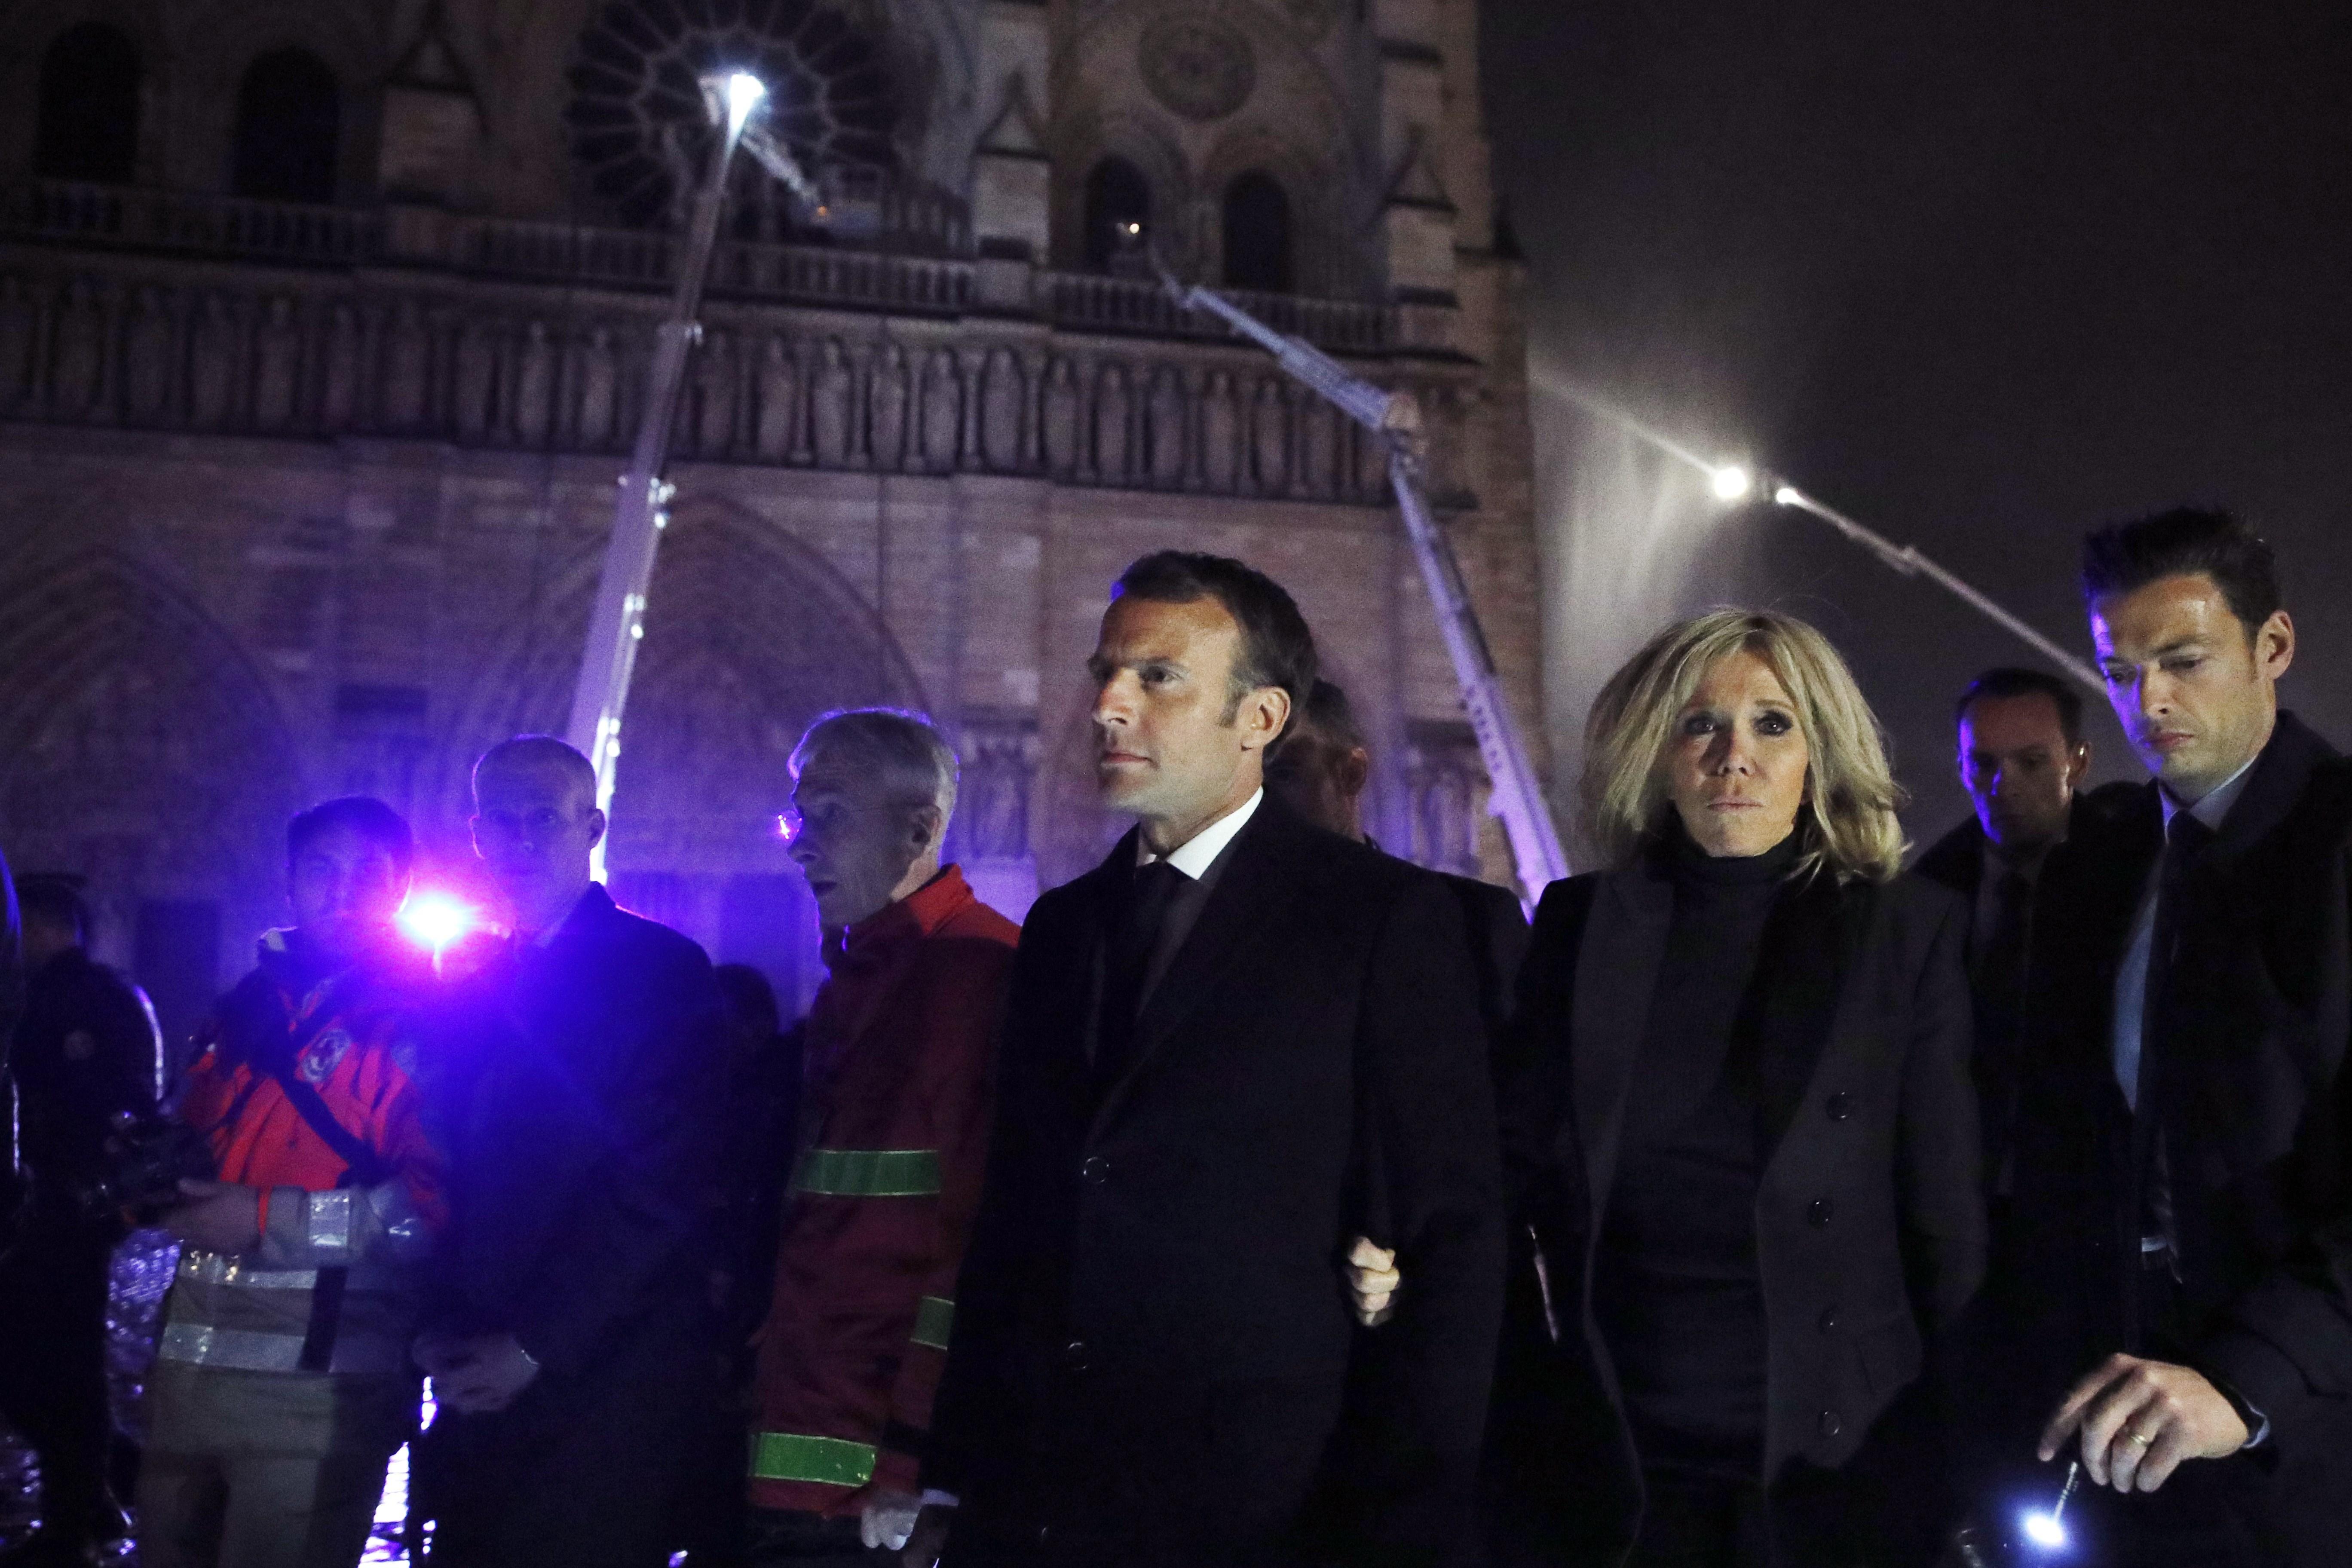 El presidente de Francia, Emmanuel Macron, visitan a los bomberos que intentan apagar el incendio en la catedral de Notre Dame. (Foto Prensa Libre: EFE)